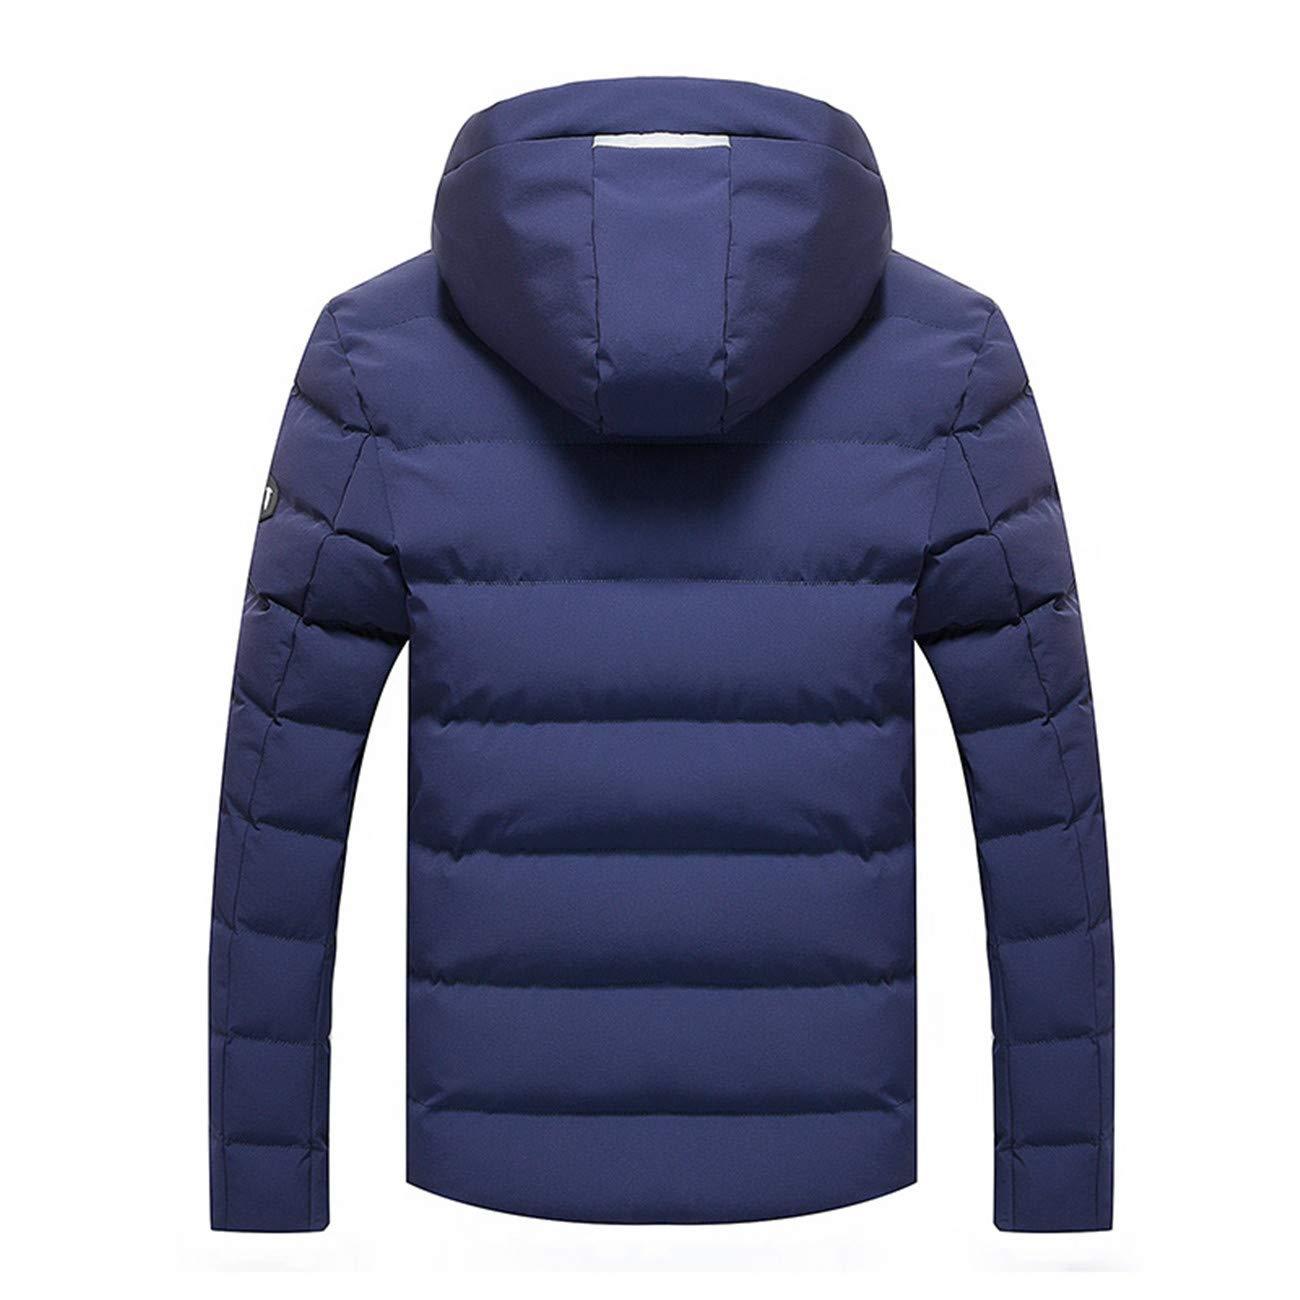 Mens Outdoor Parka Zipeer Warm Thicken Winter Cotton Jacket Coat